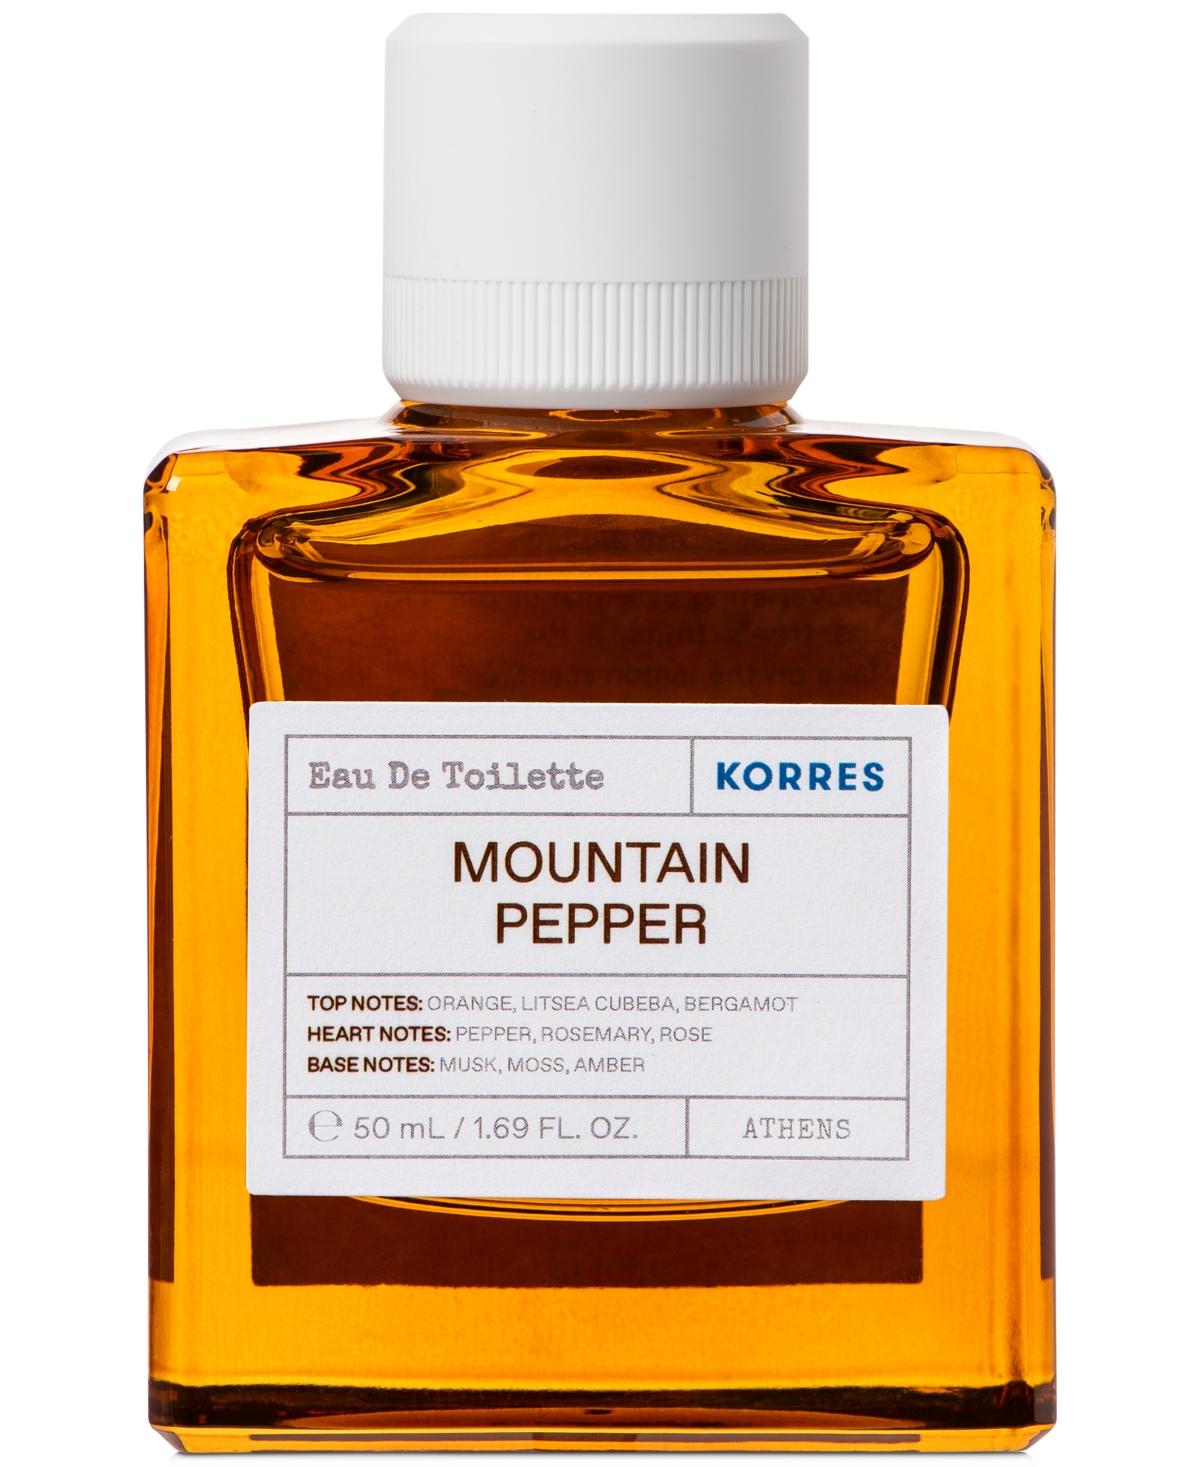 Korres Mountain Pepper Eau de Toilette, 50 ml